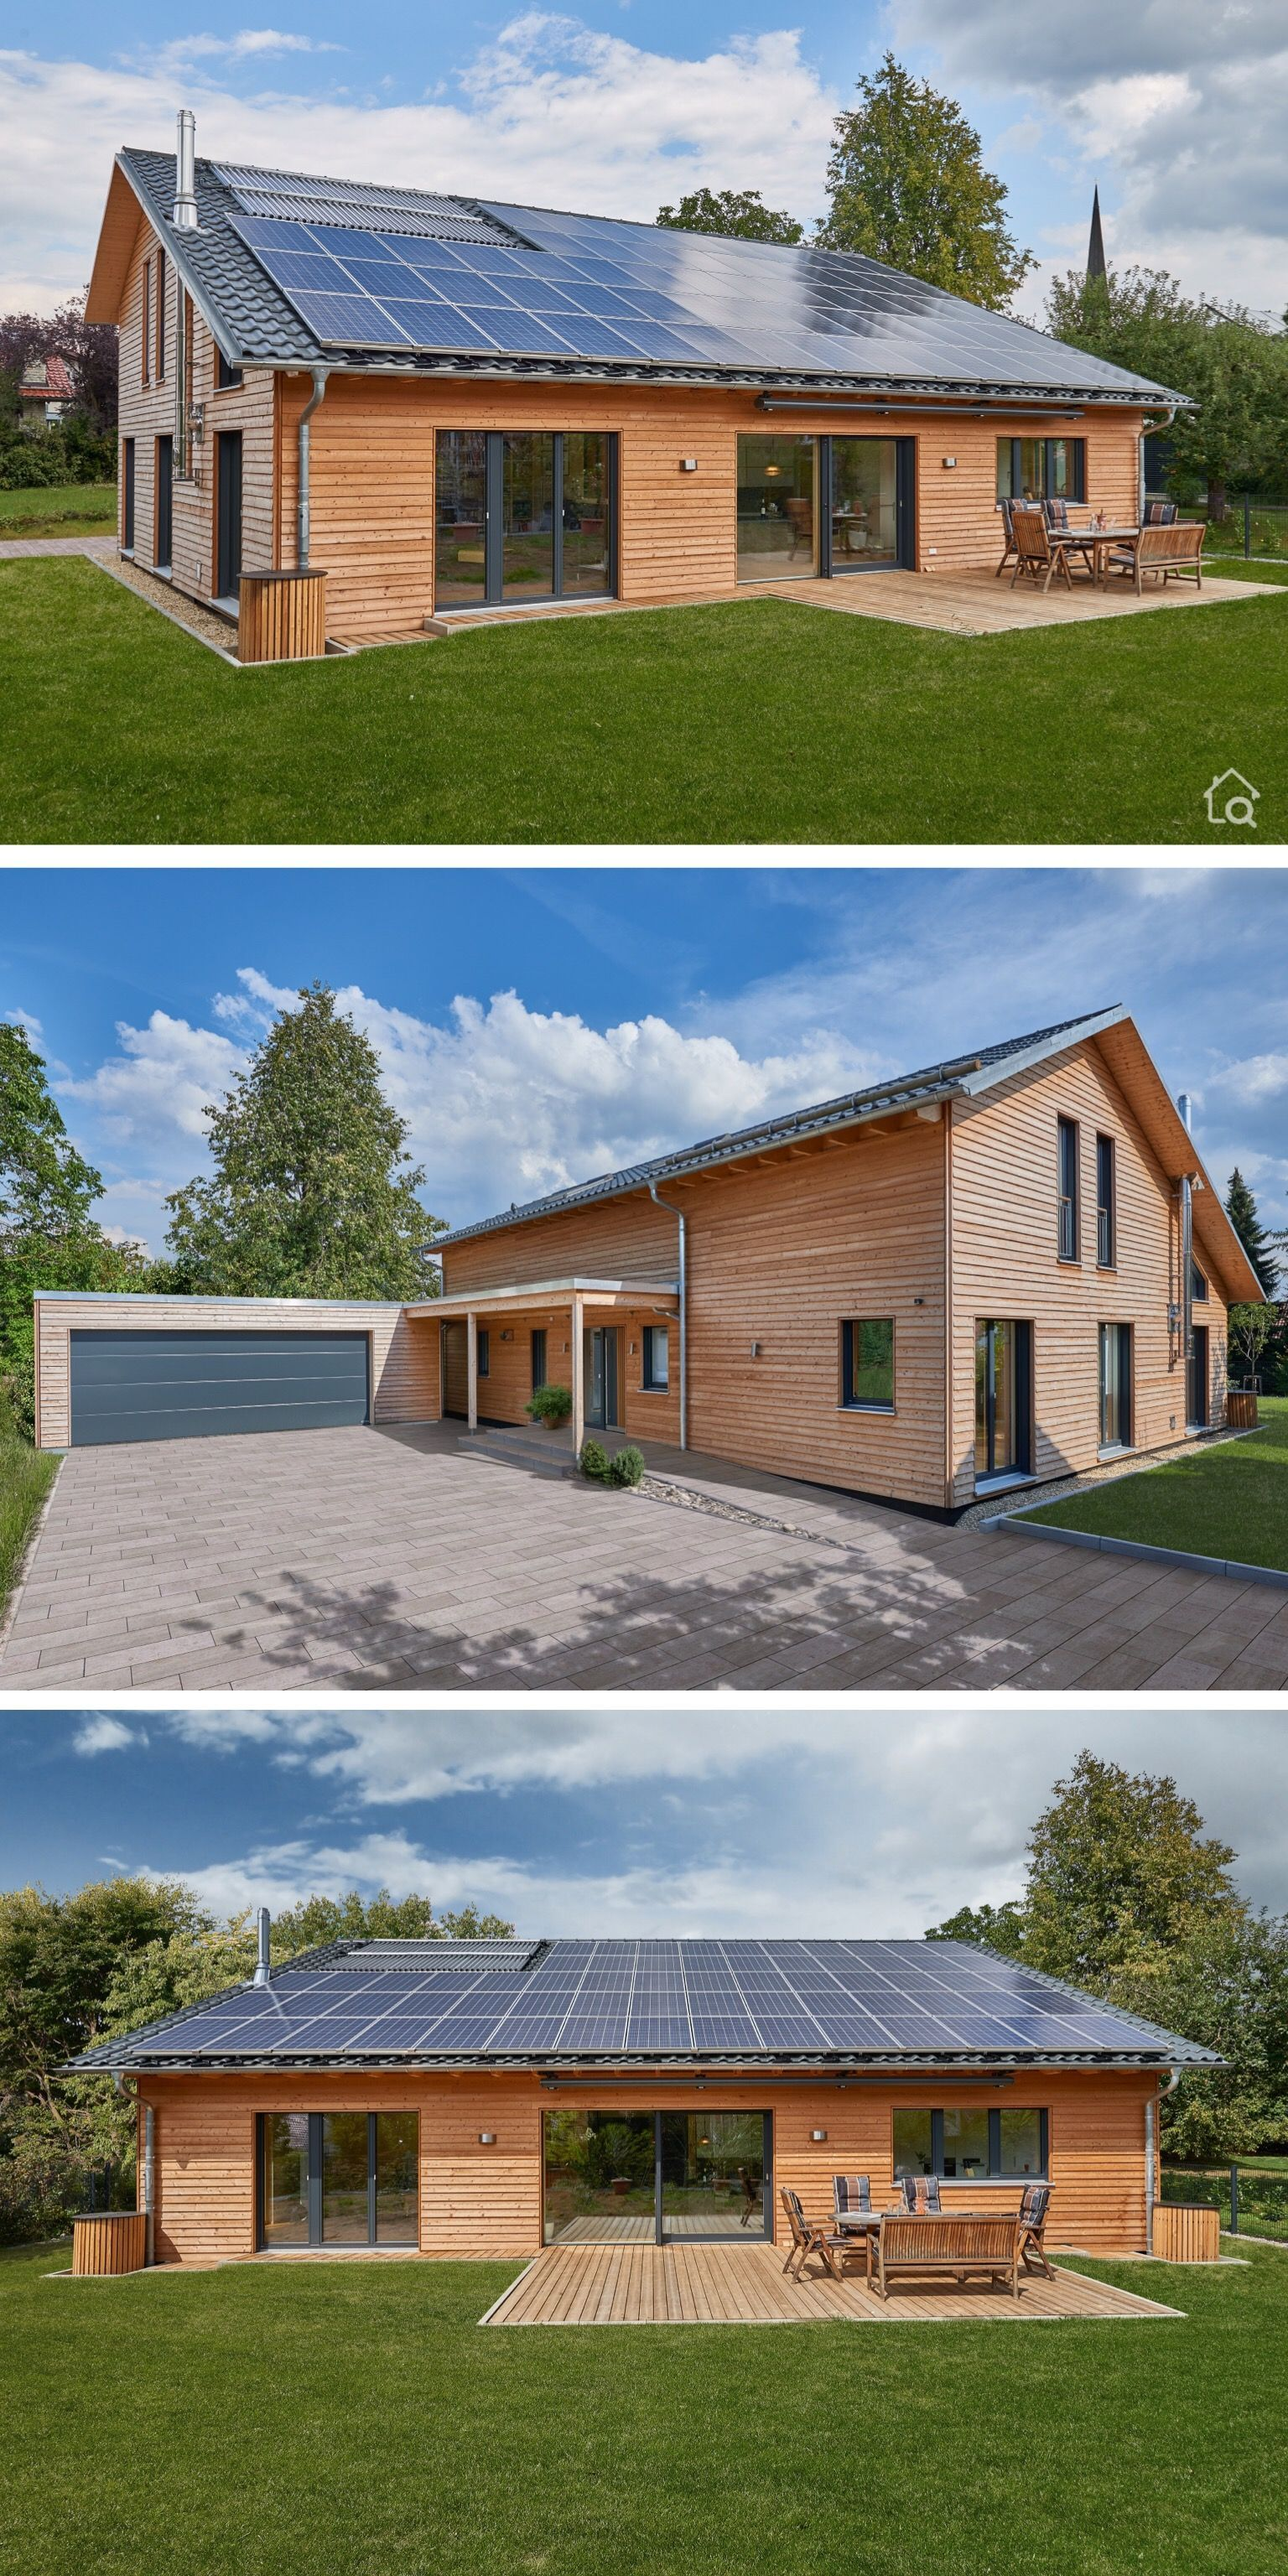 Individuelles Architektenhaus Modern Mit Holz Fassade Satteldach Architektur 5 Zimmer Grundriss Mit Doppelgarage 250 Qm G Baustil Holzhaus Ferienhaus Bauen